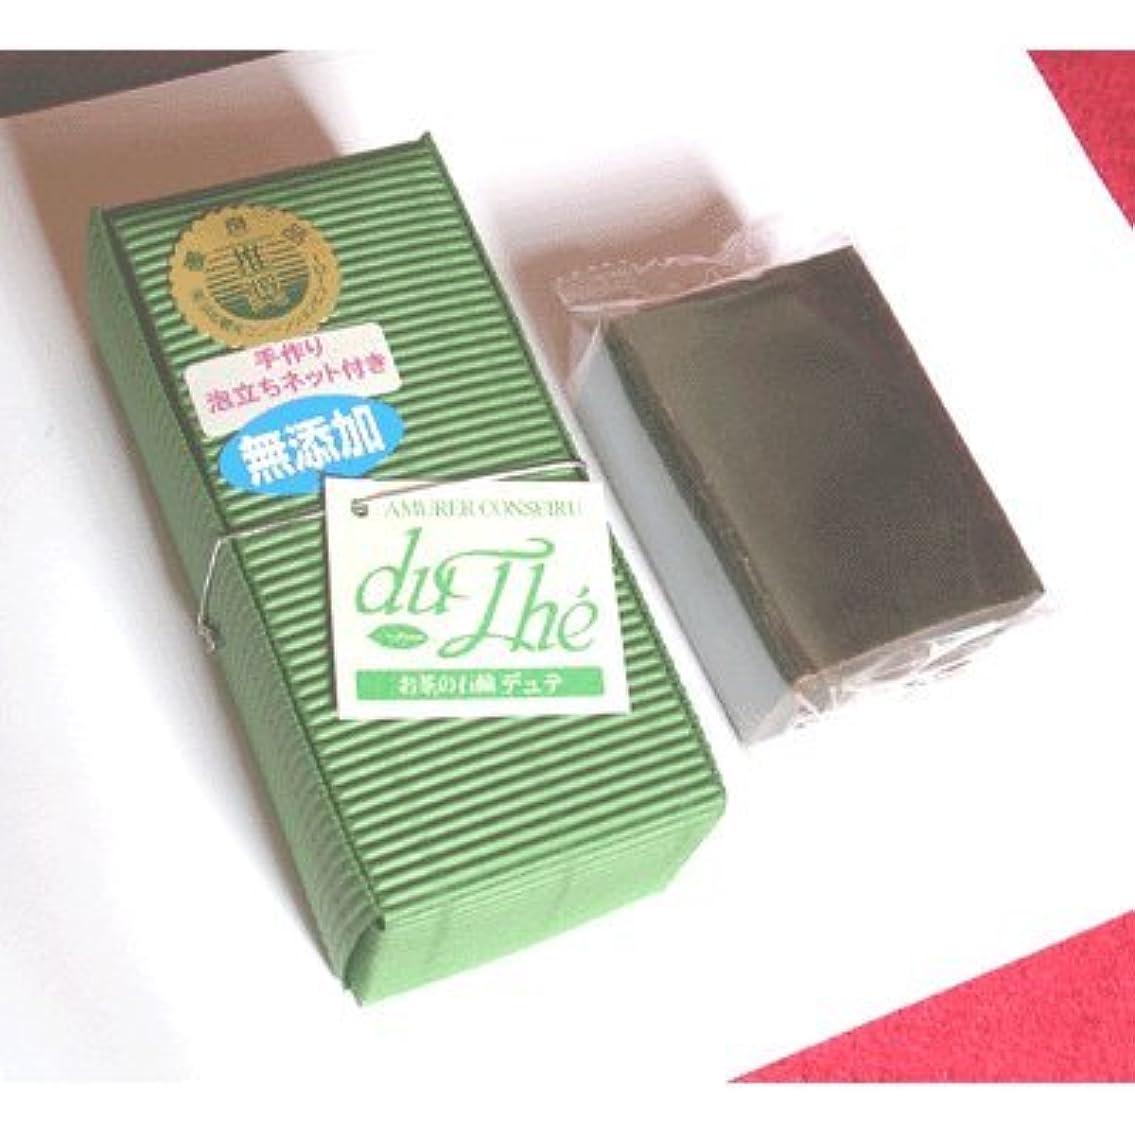 あいにく製品不安定なデュテお茶の石鹸120g 泡立てネット付